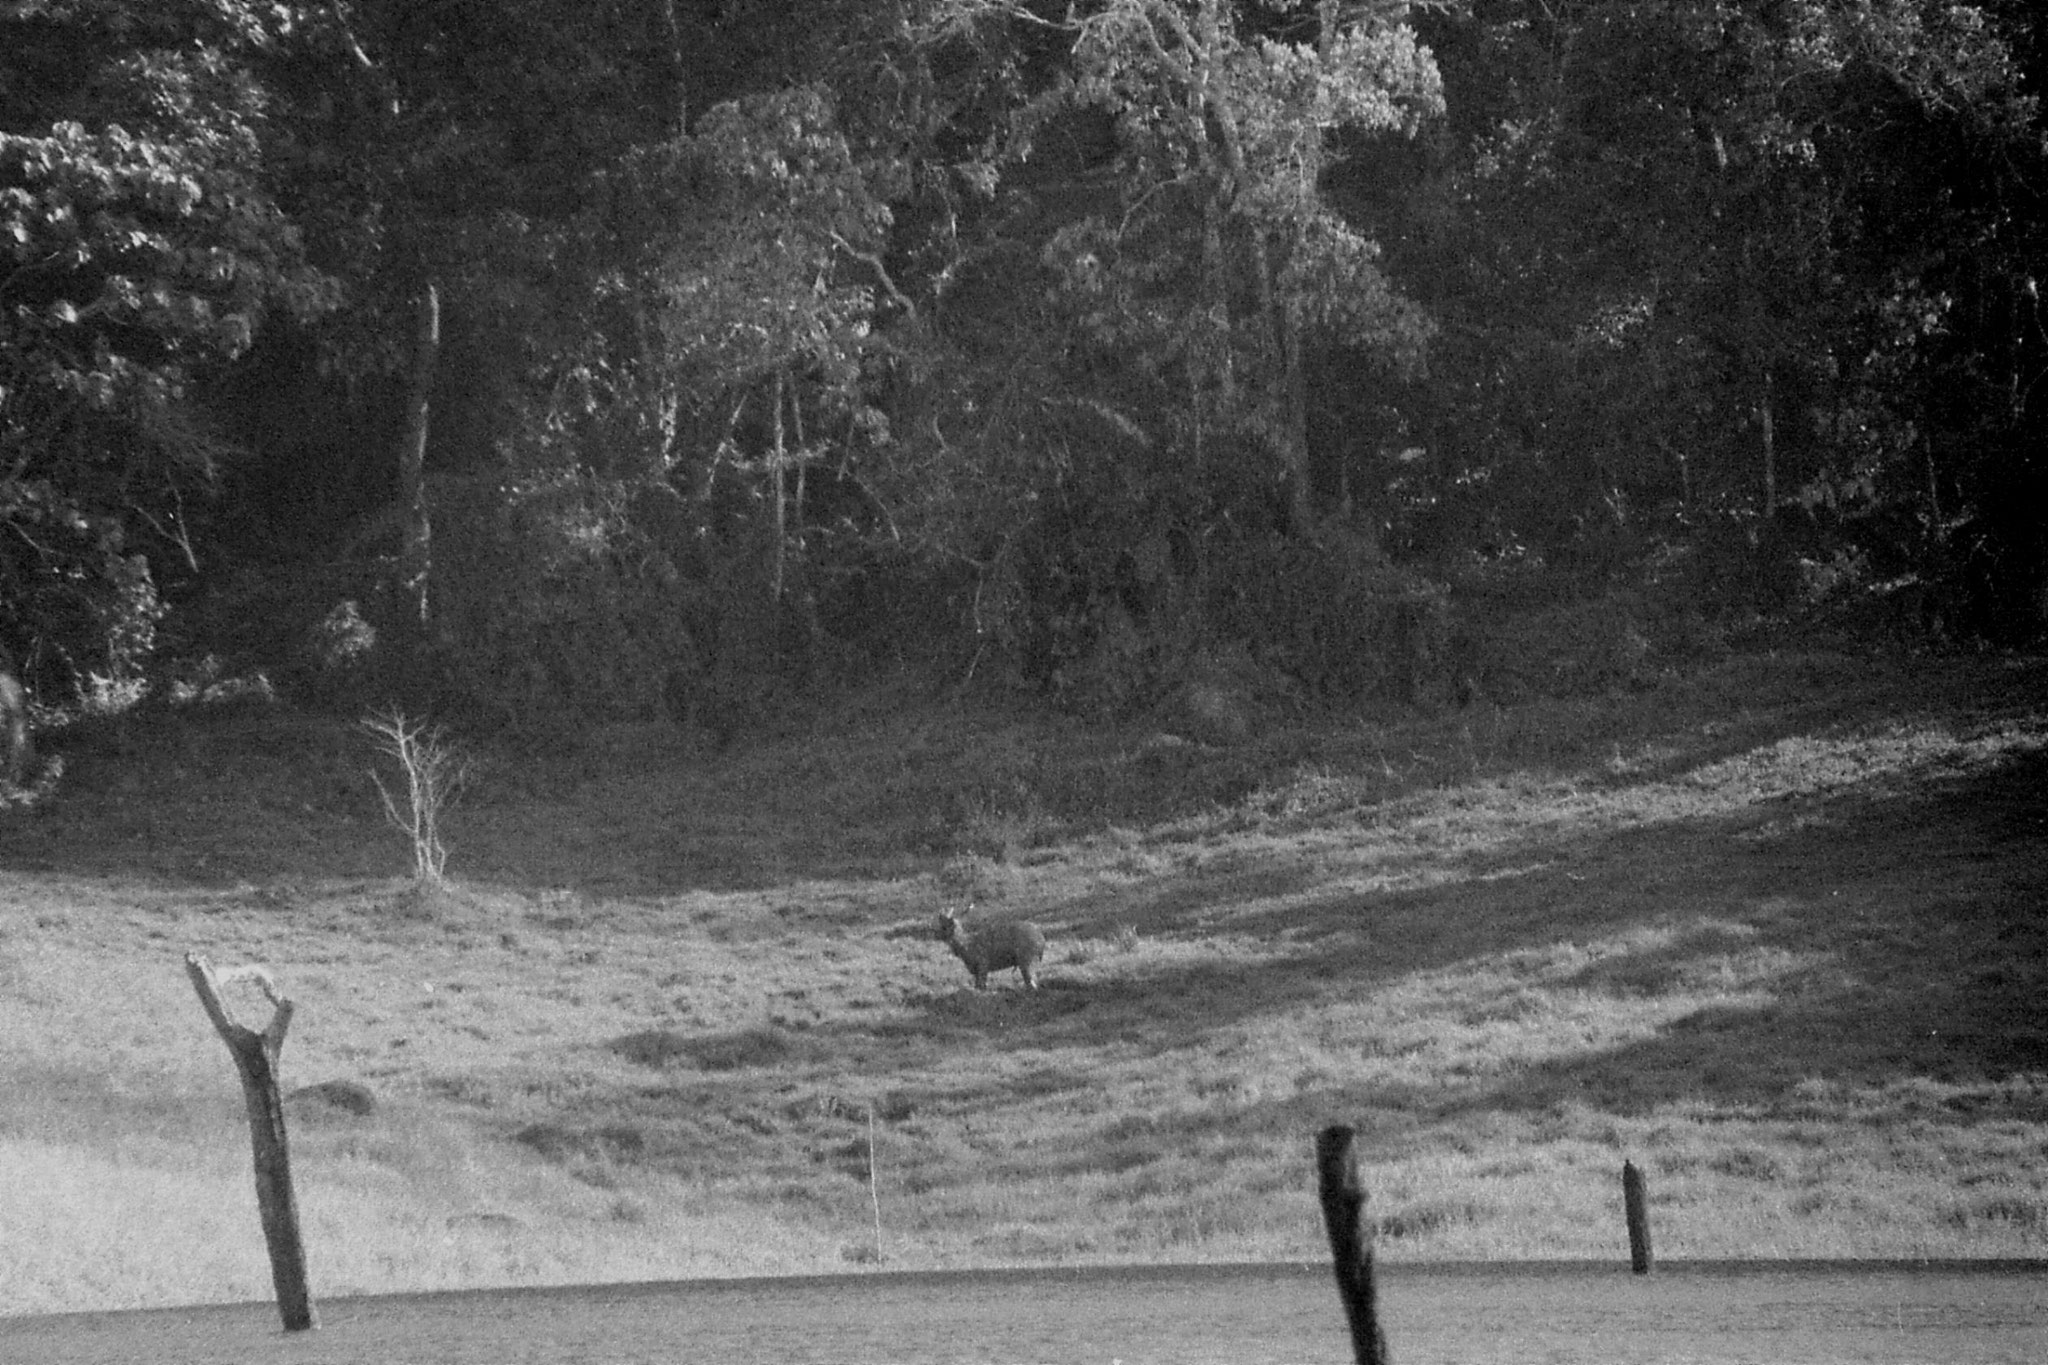 097/19: 22/2/1990 Periyar - deer